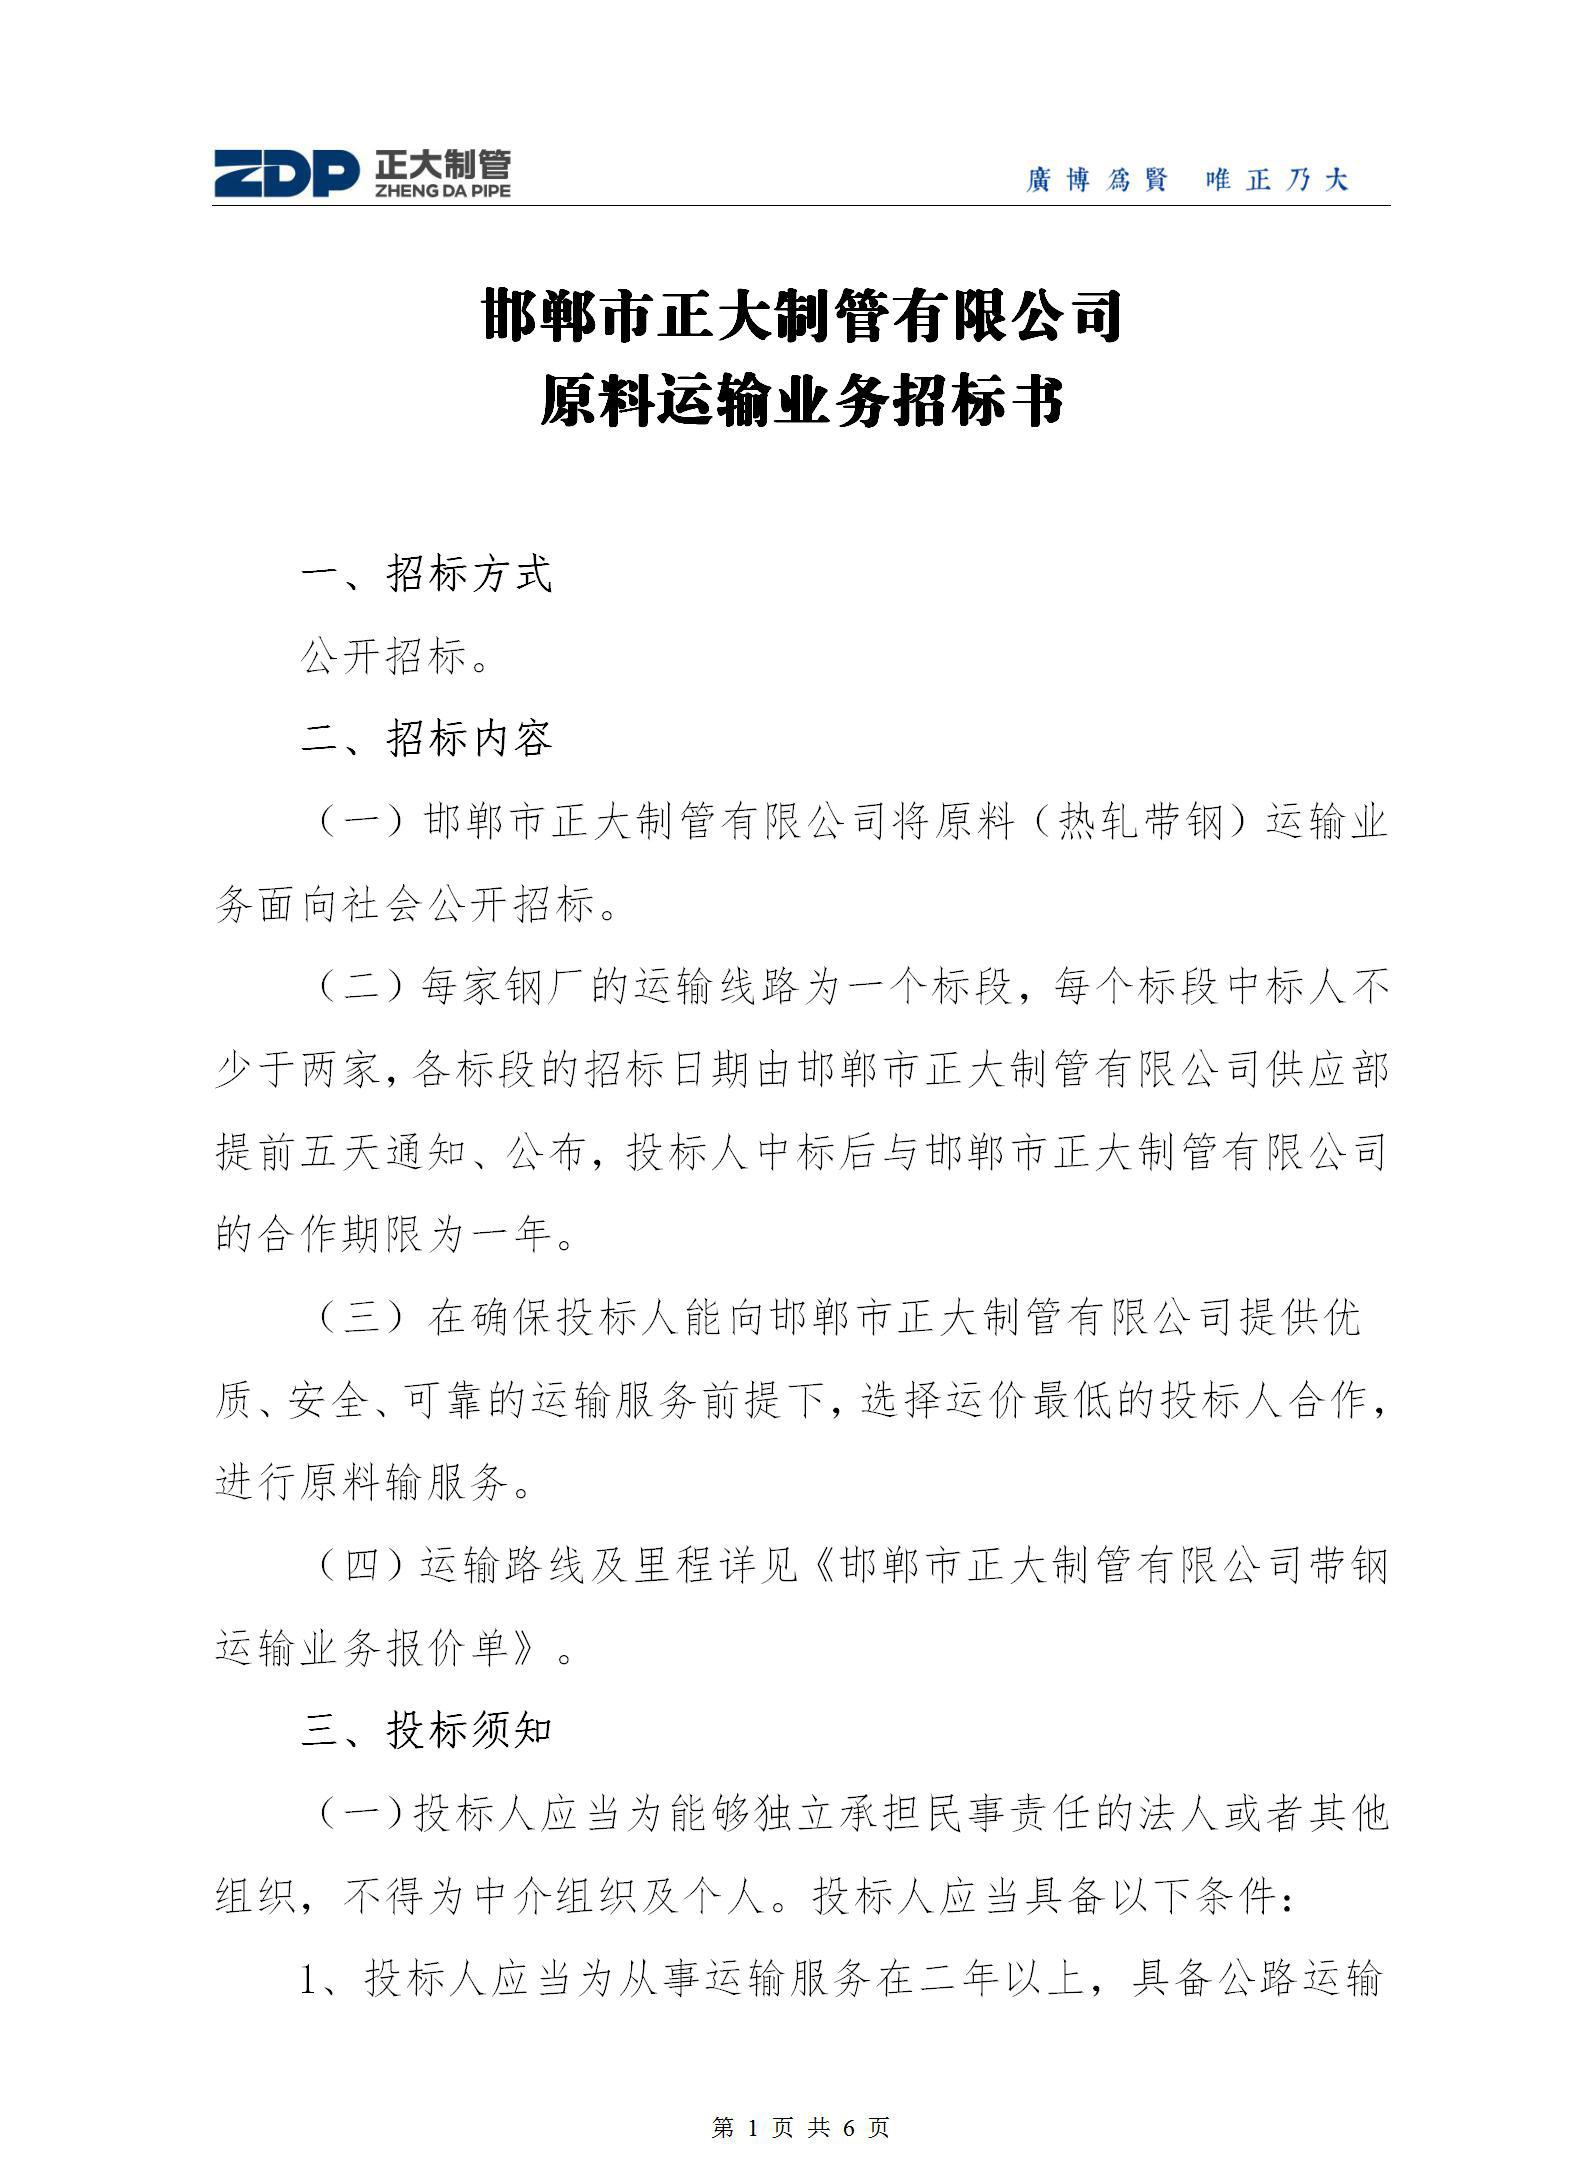 邯郸市万博平台app下载万博手机版的有限公司原料运输业务招标书